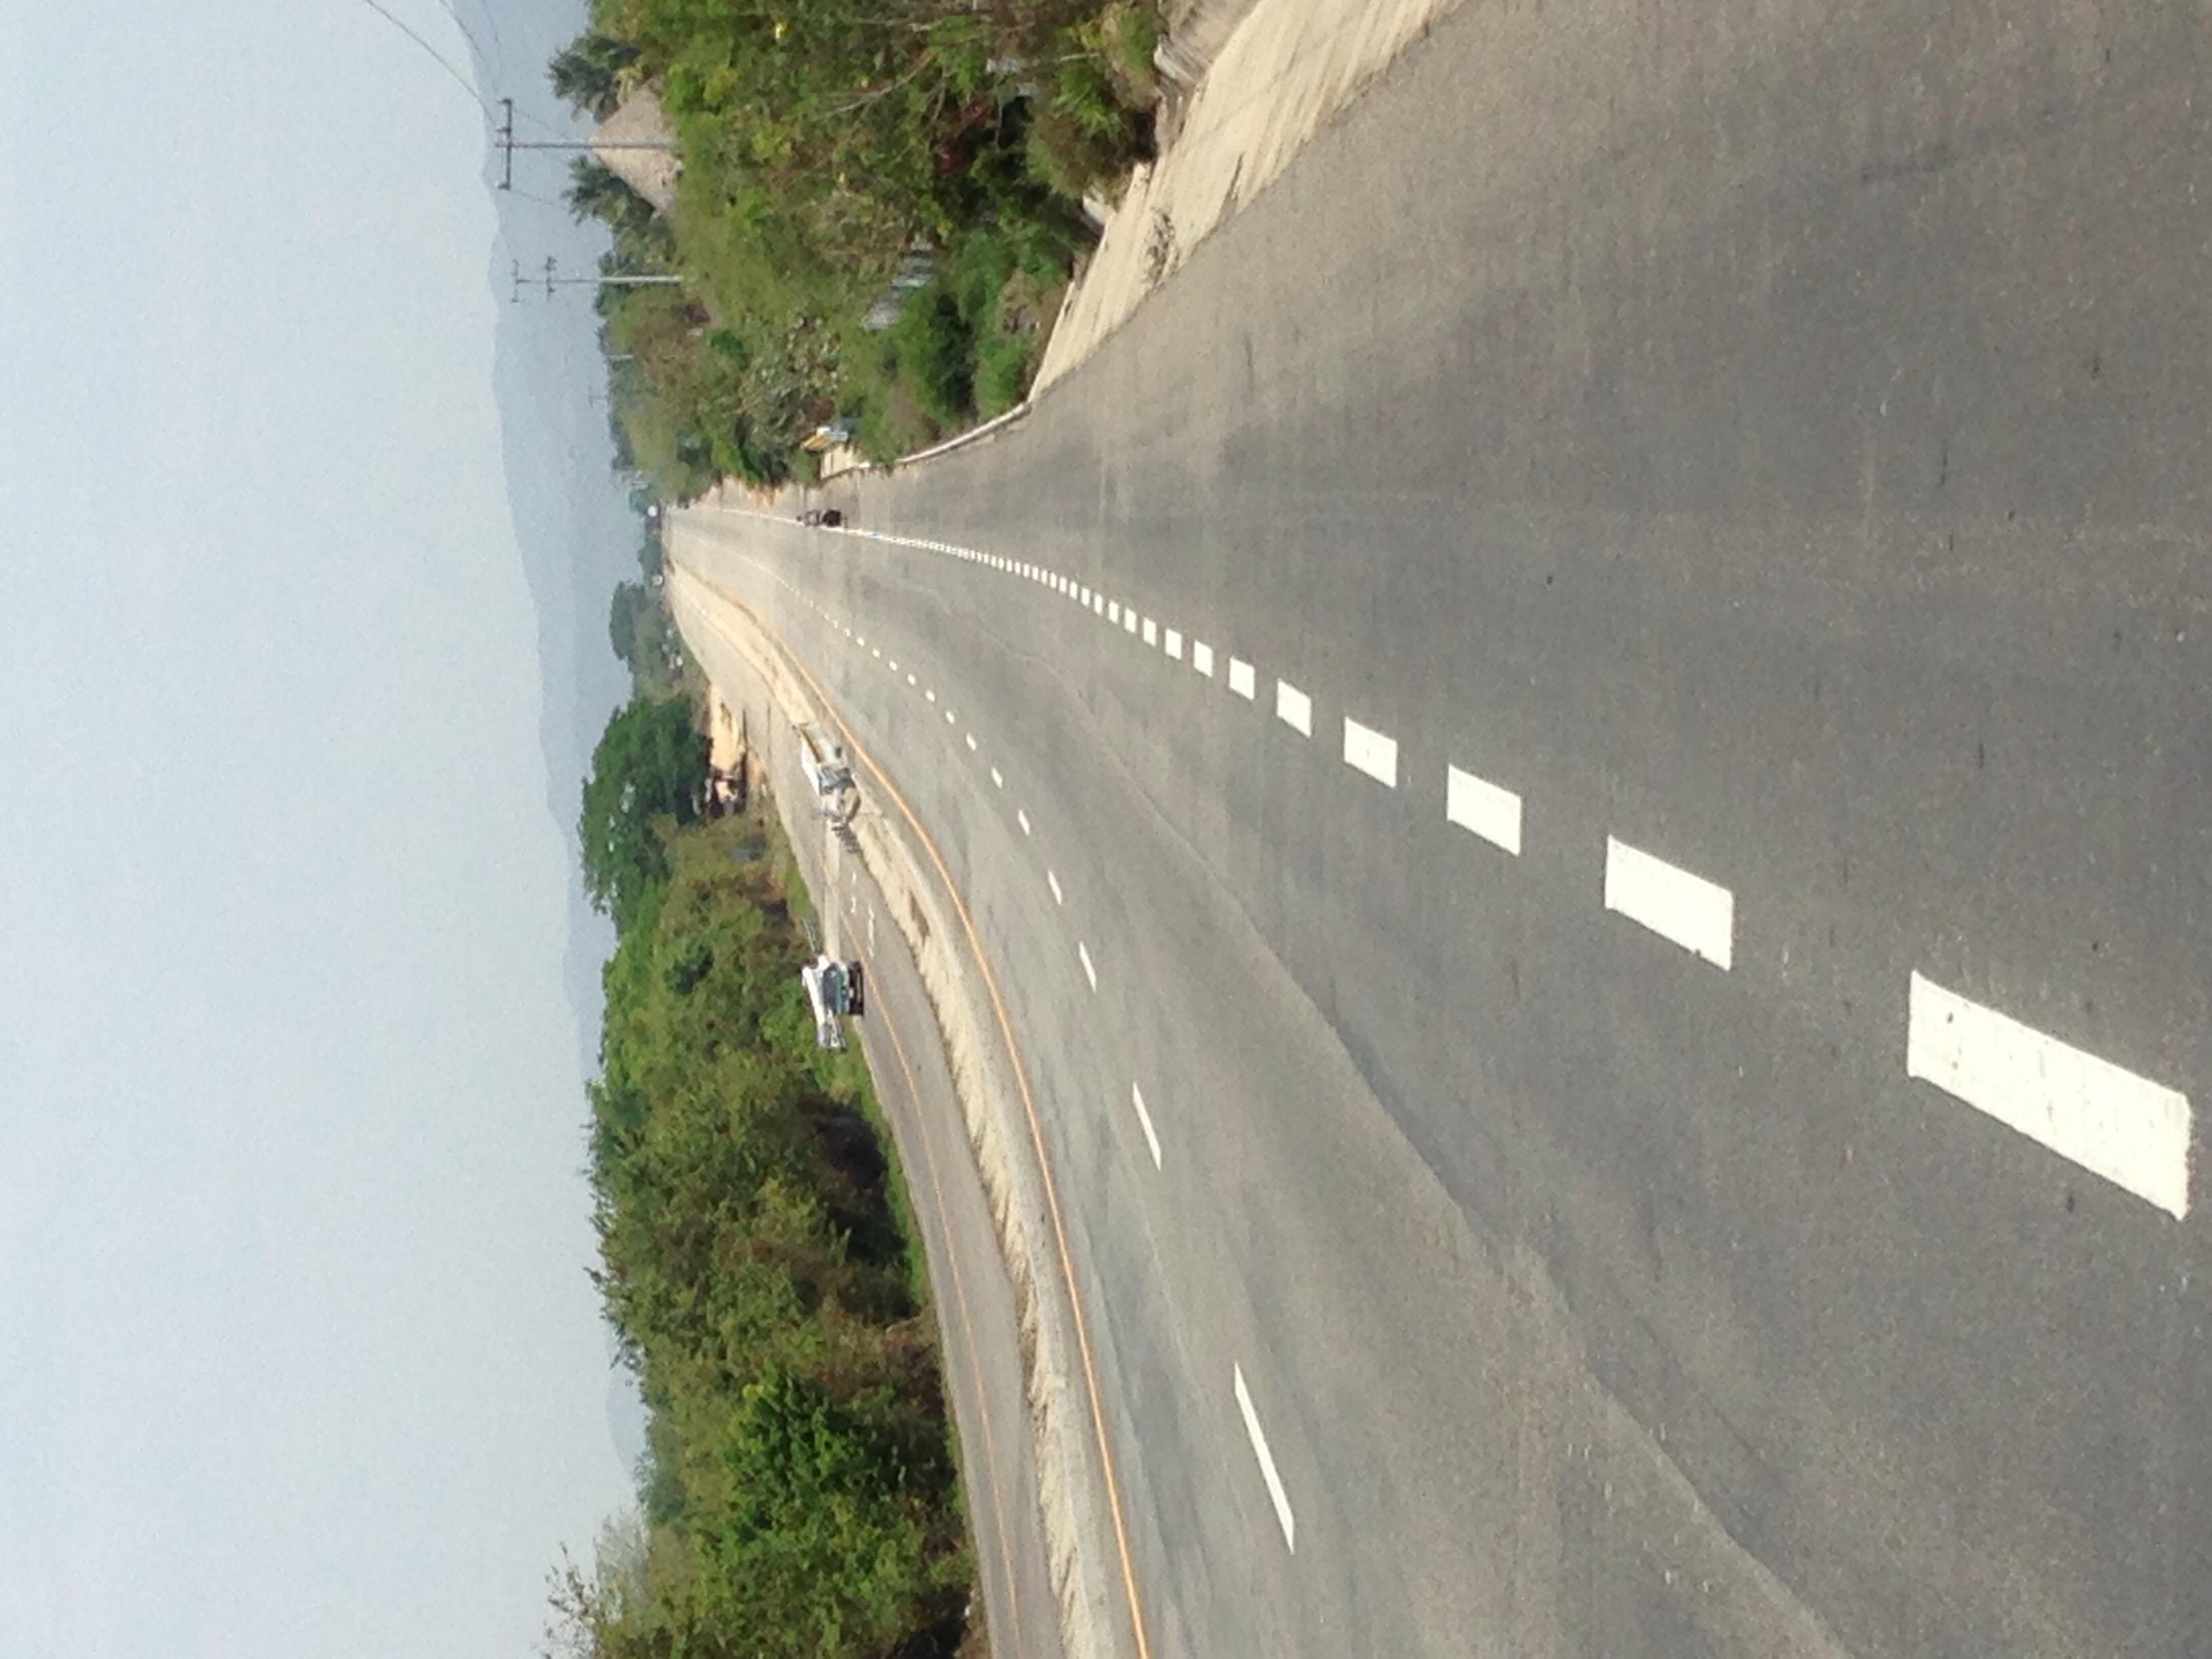 Highway heat